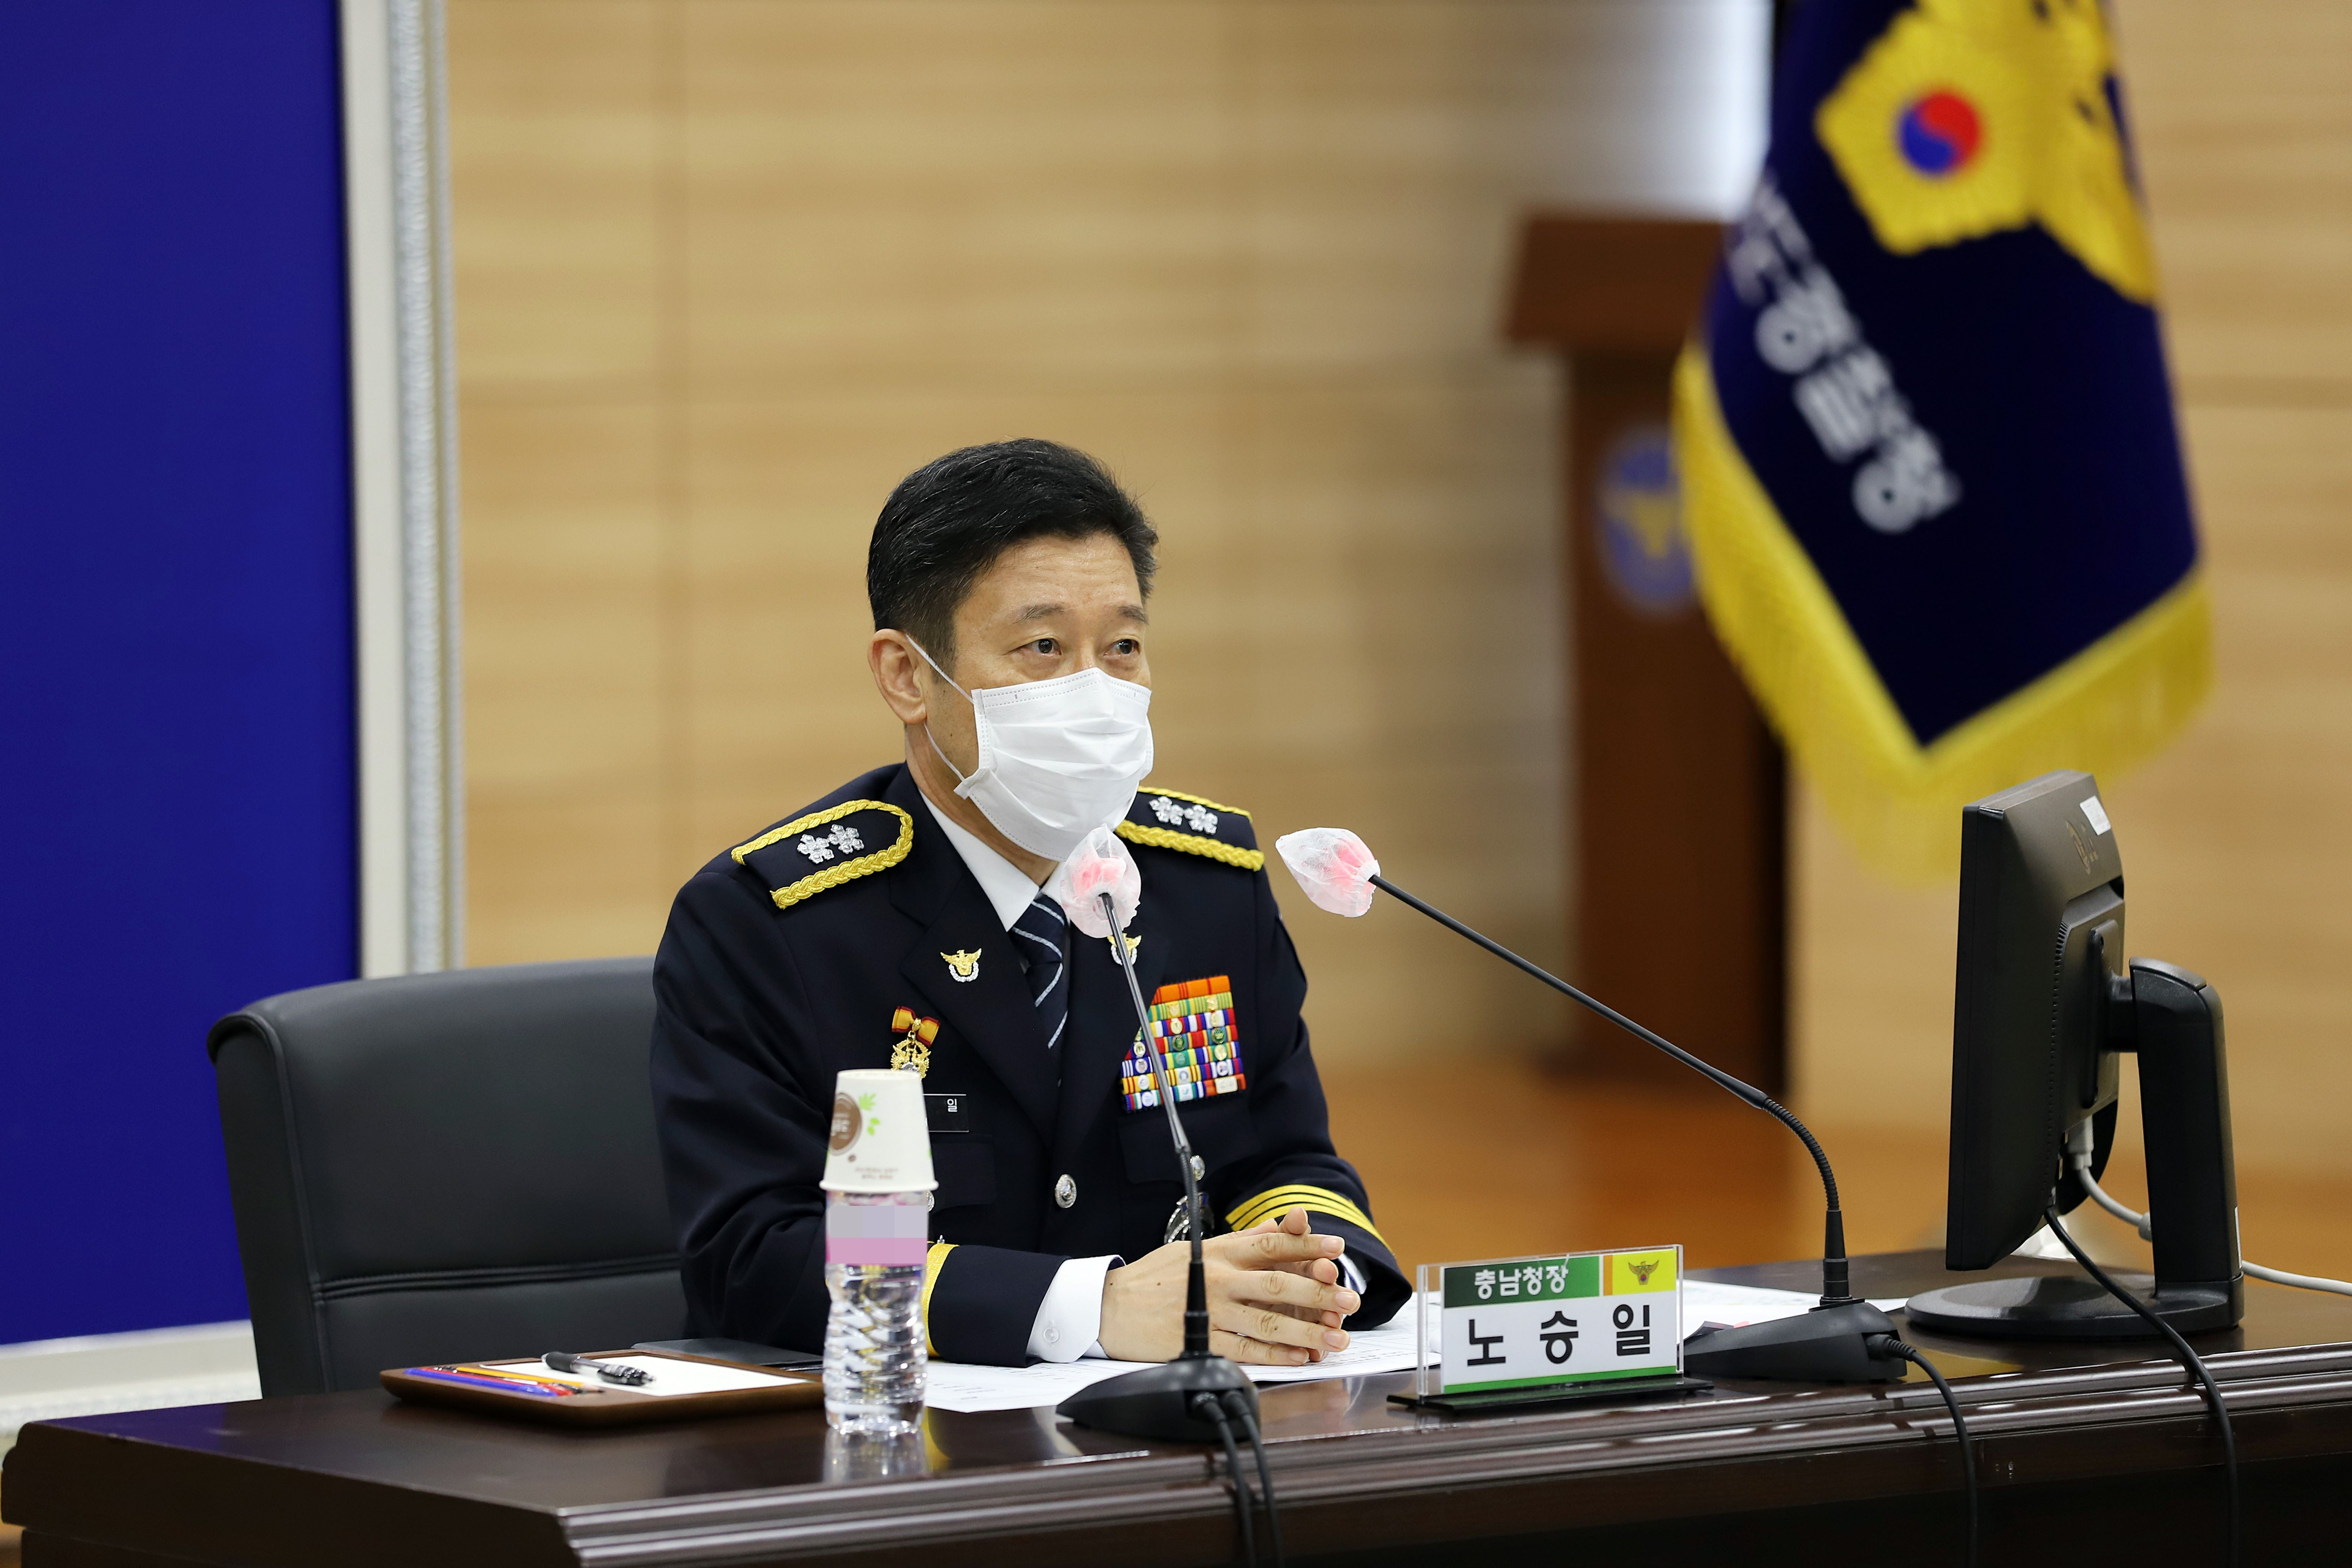 제 33대 충남경찰청장 노승일 치안감 취임